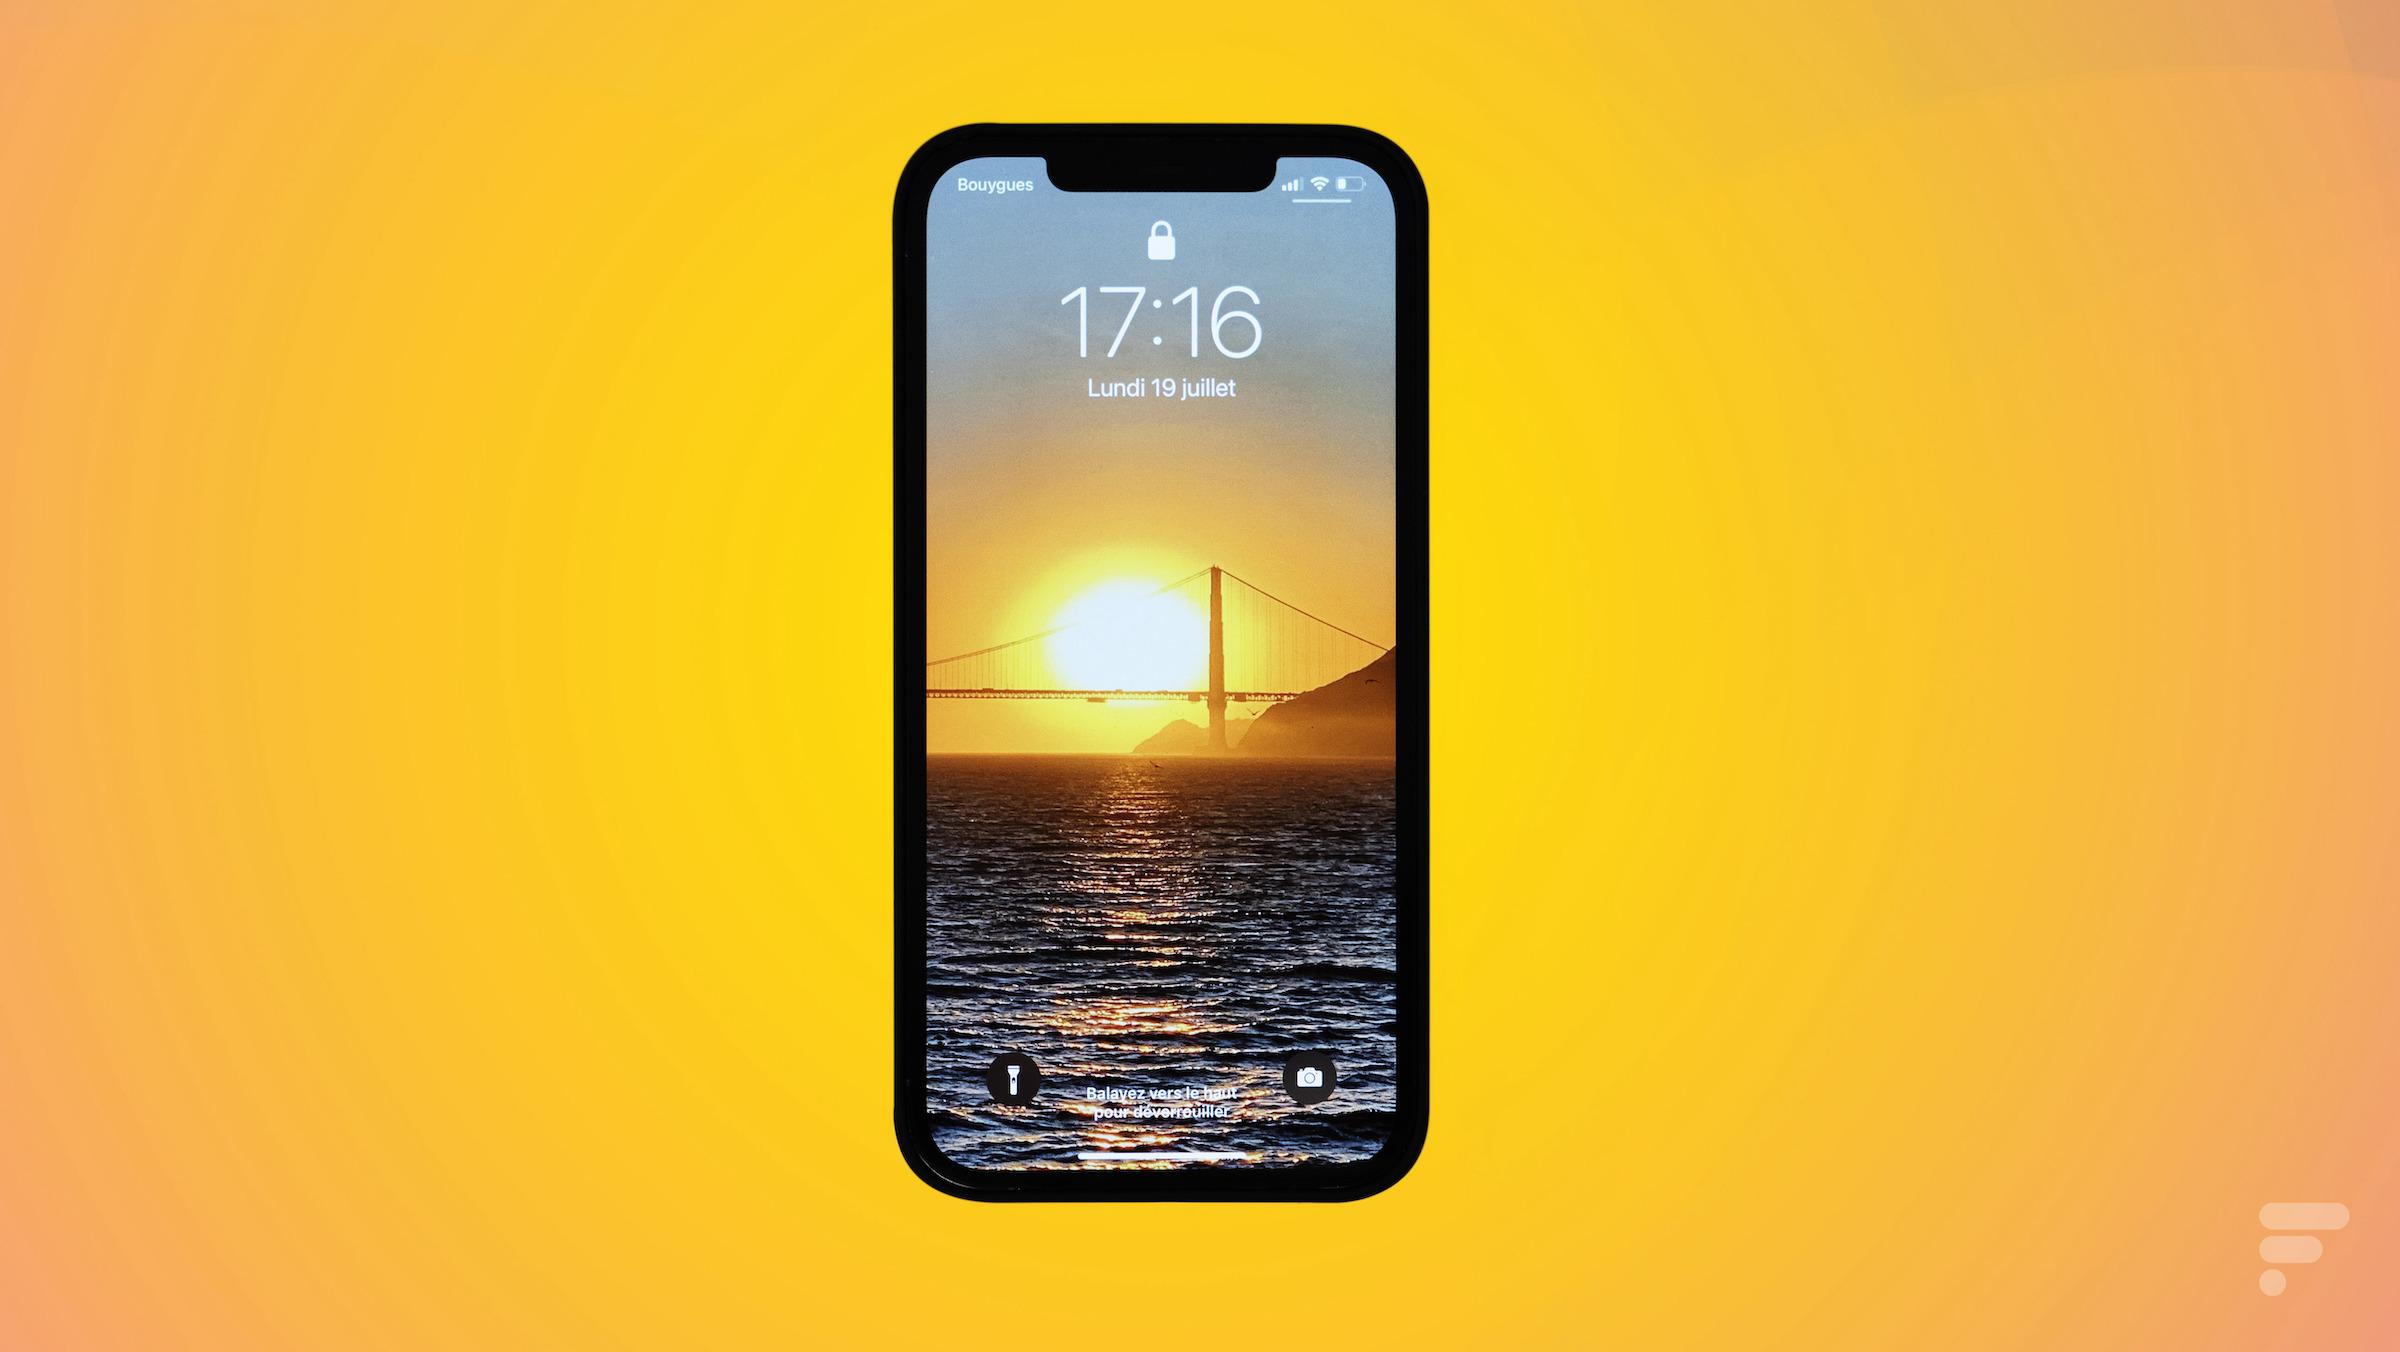 L'iPhone 13 pourrait disposer d'une charge rapide d'au moins 25 W